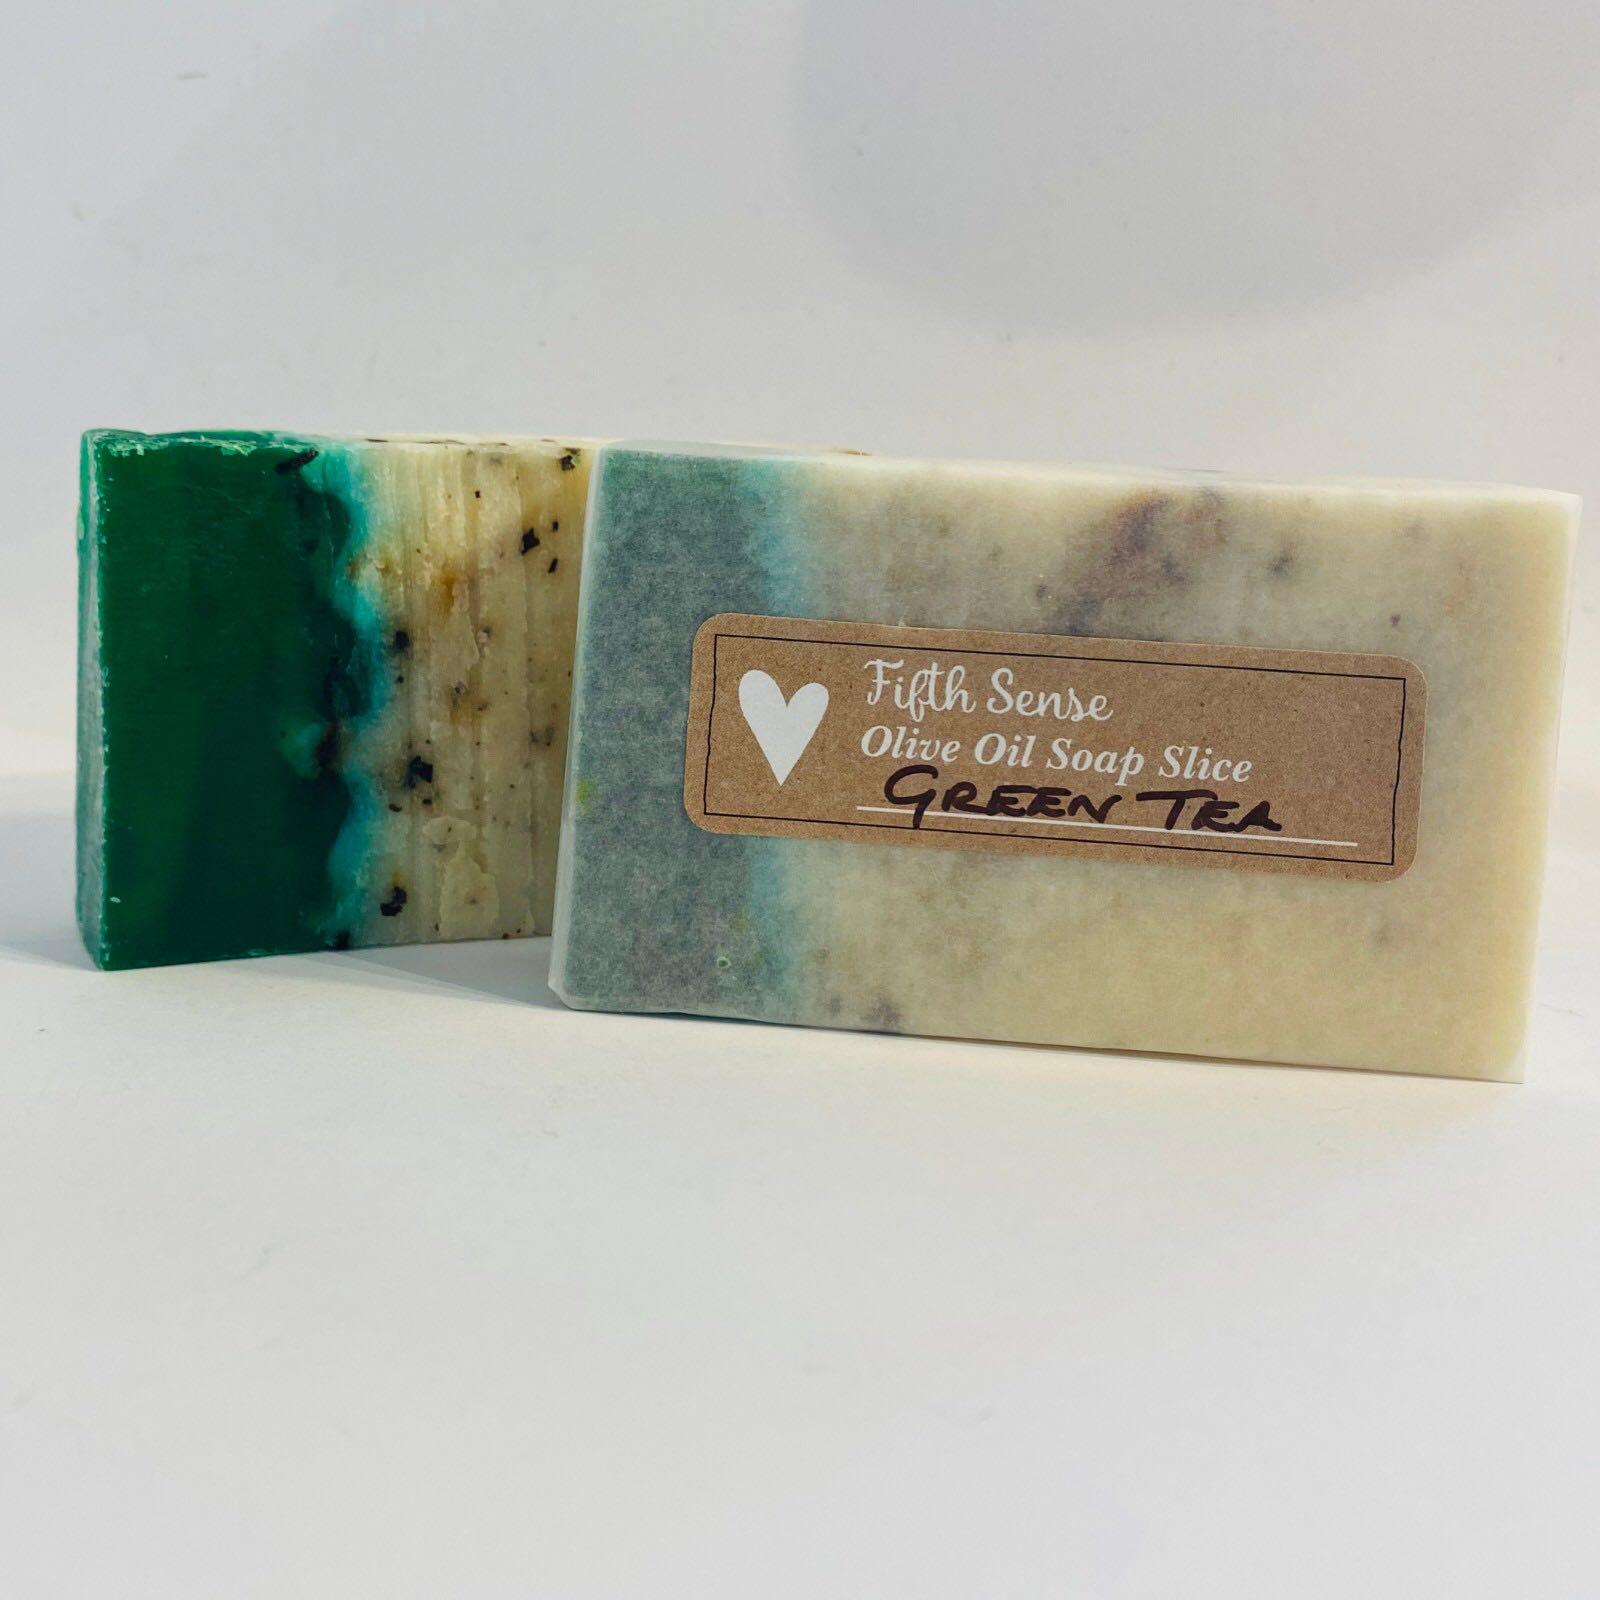 Green Tea Olive Oil Soap Slice